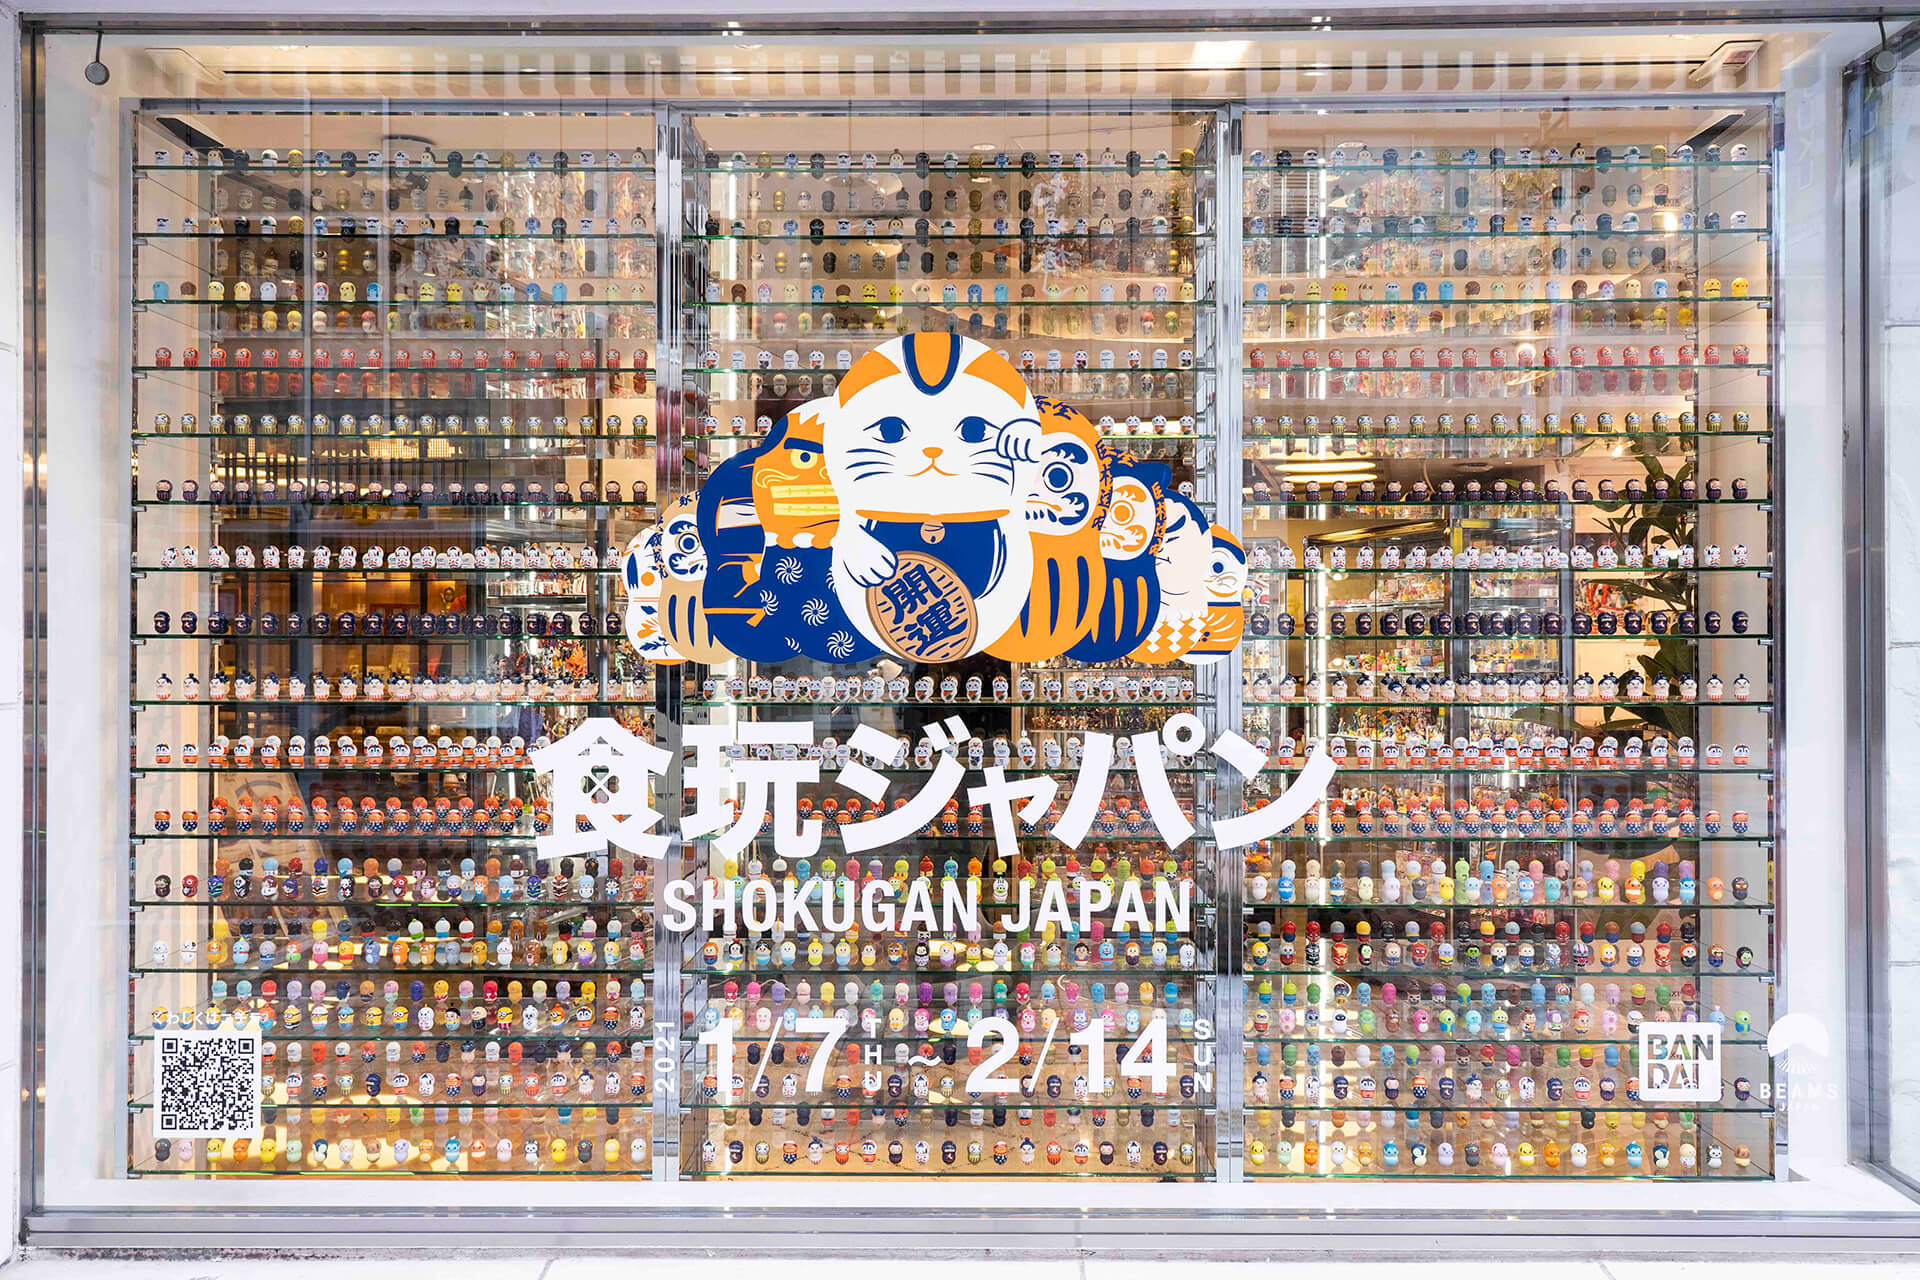 バンダイ×BEAMS JAPANの初コラボ「食玩ジャパン」